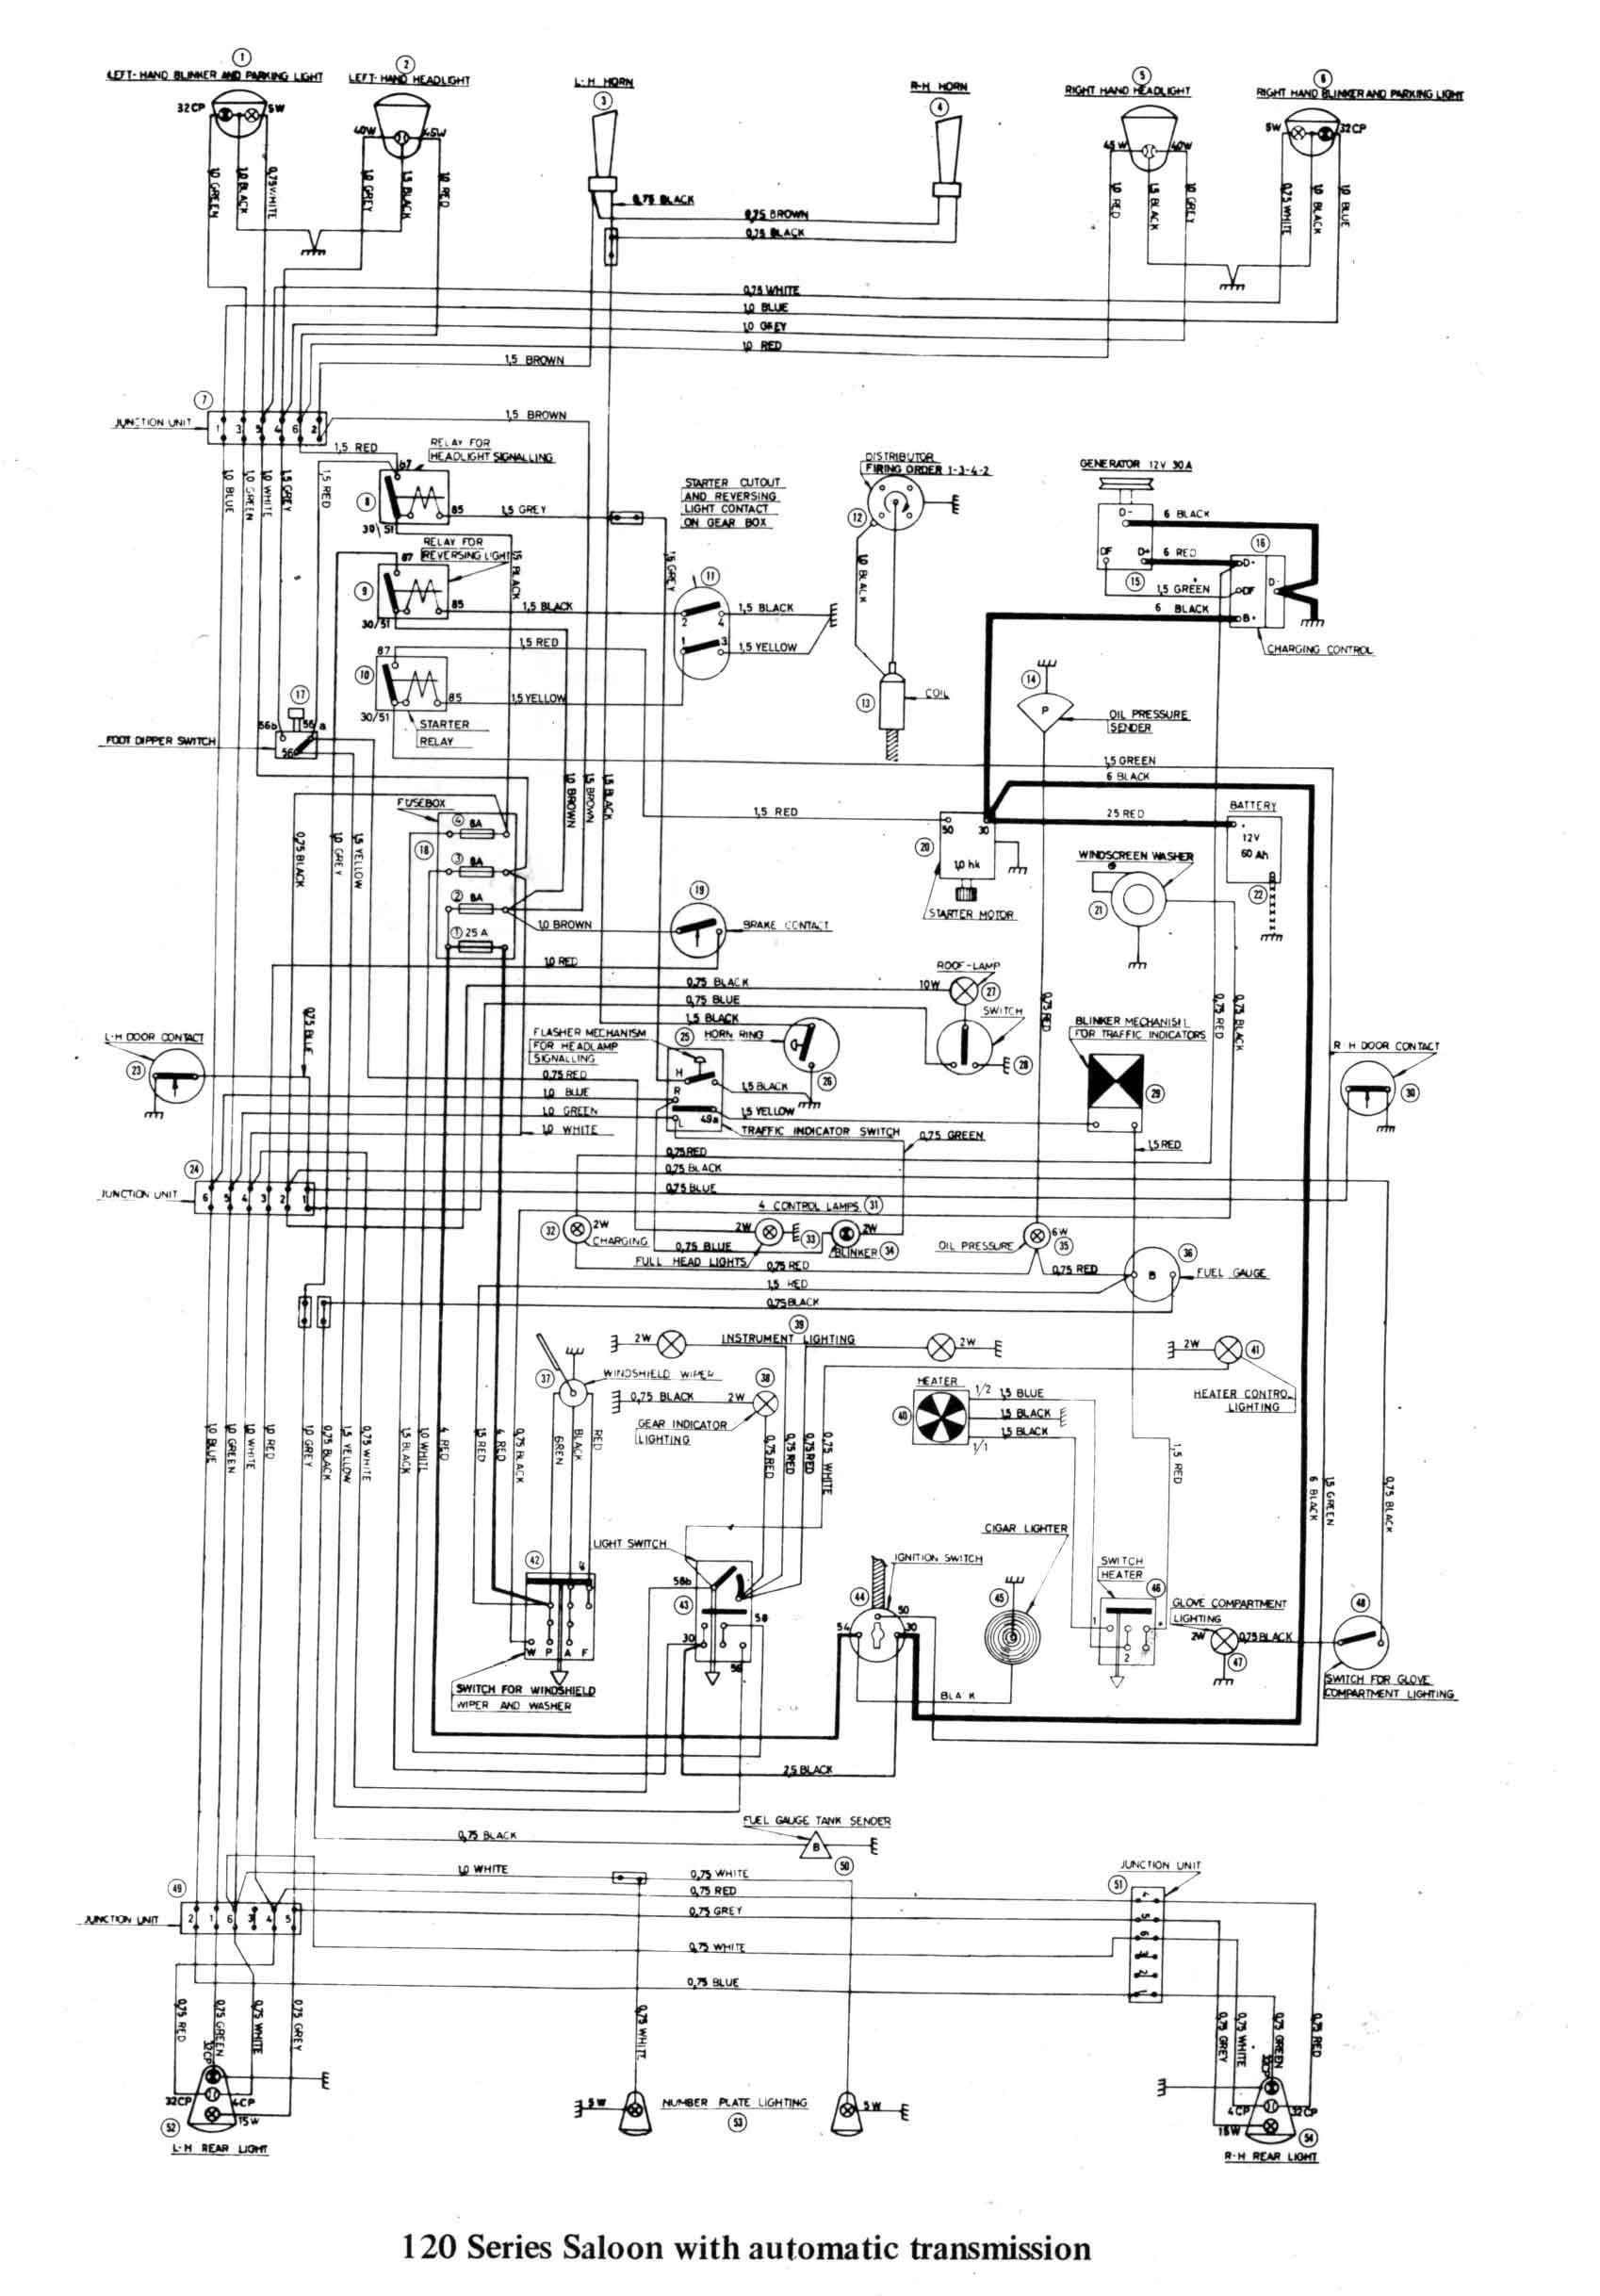 volvo d12 wiring diagram | wiring diagram  wiring diagram - autoscout24